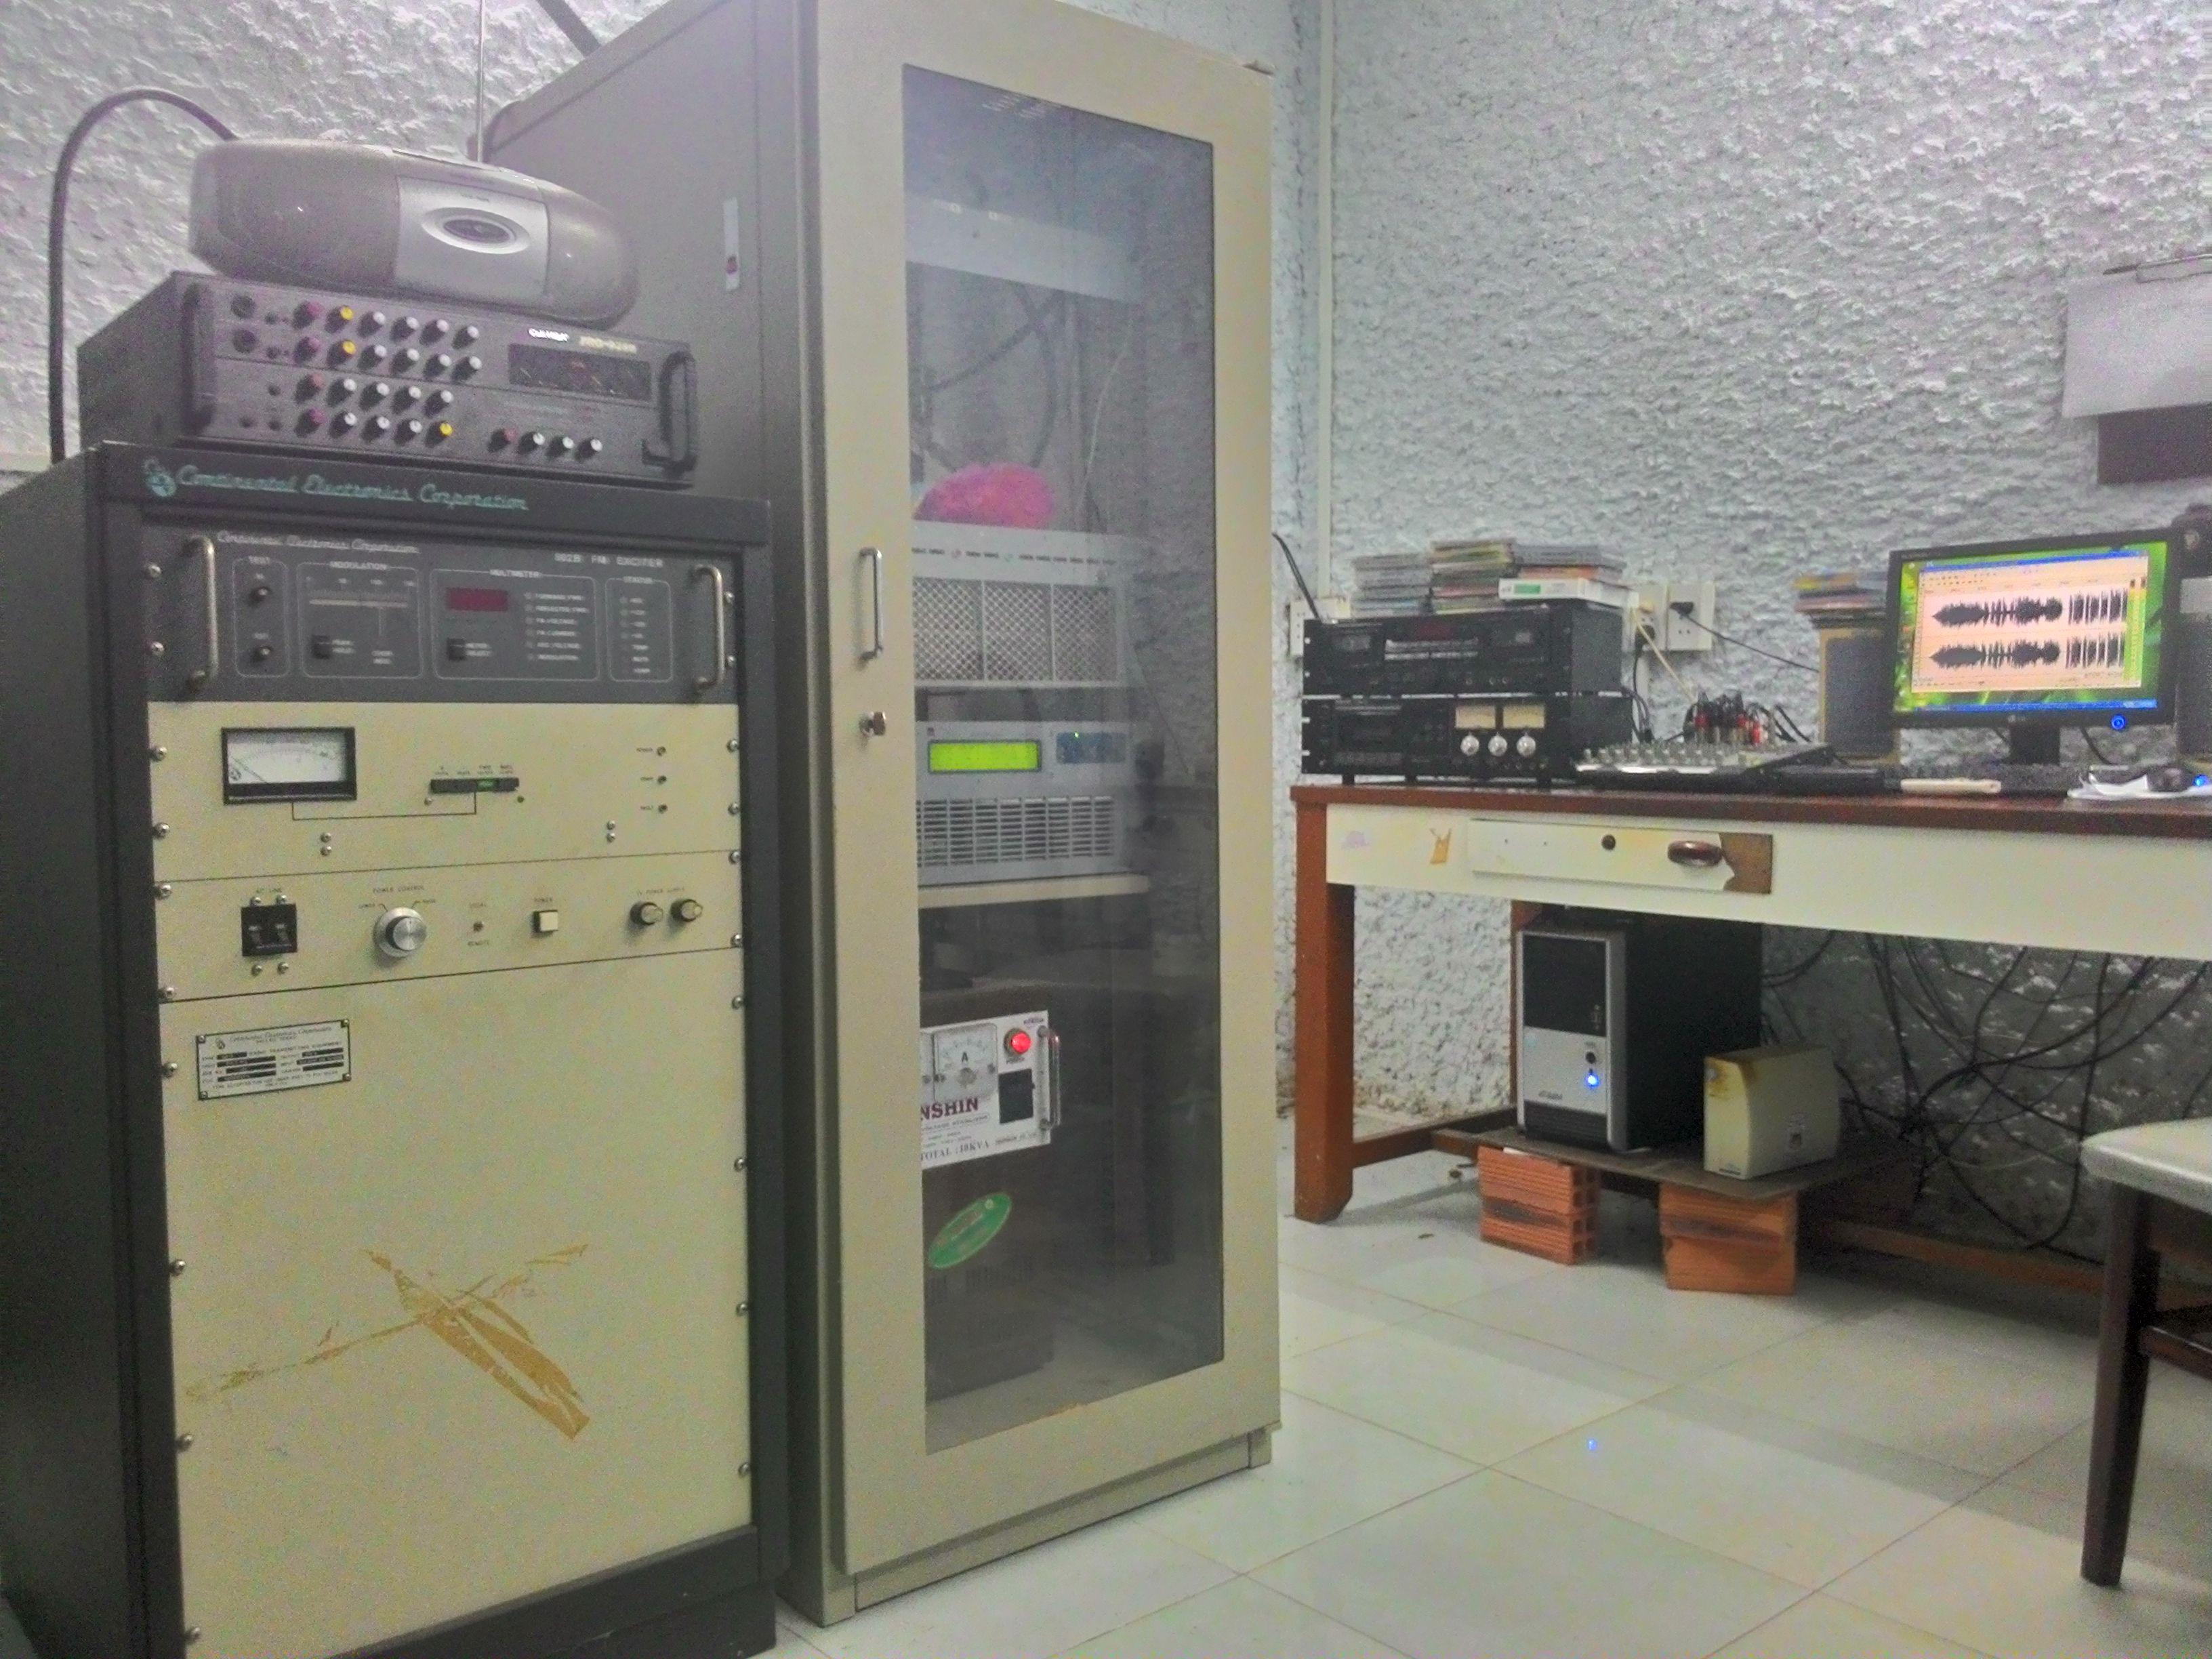 Tổng quát về các thiết bị FM và hoạt động của đài truyền thanh Huyện